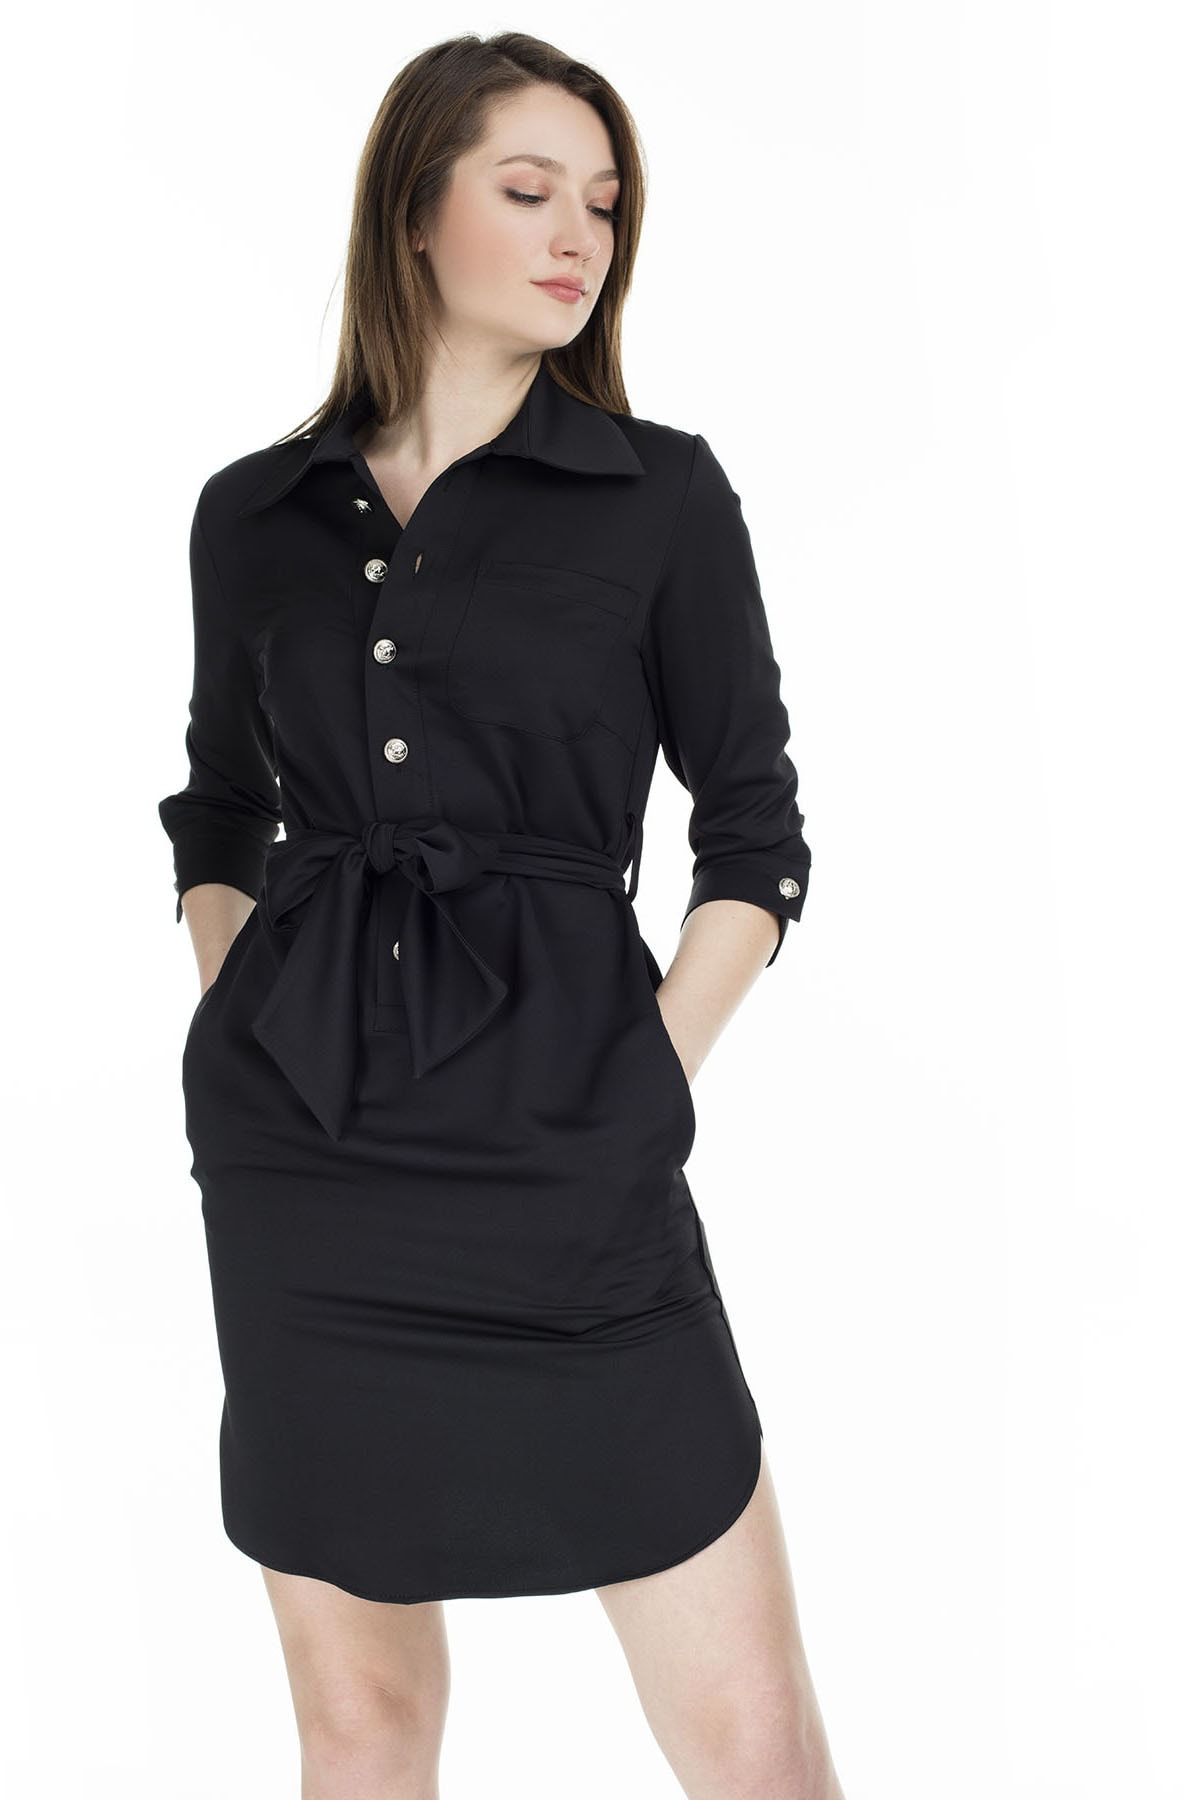 Ayhan Gömlek Yaka Belden Bağlamalı Elbise KADIN ELBİSE 04661410